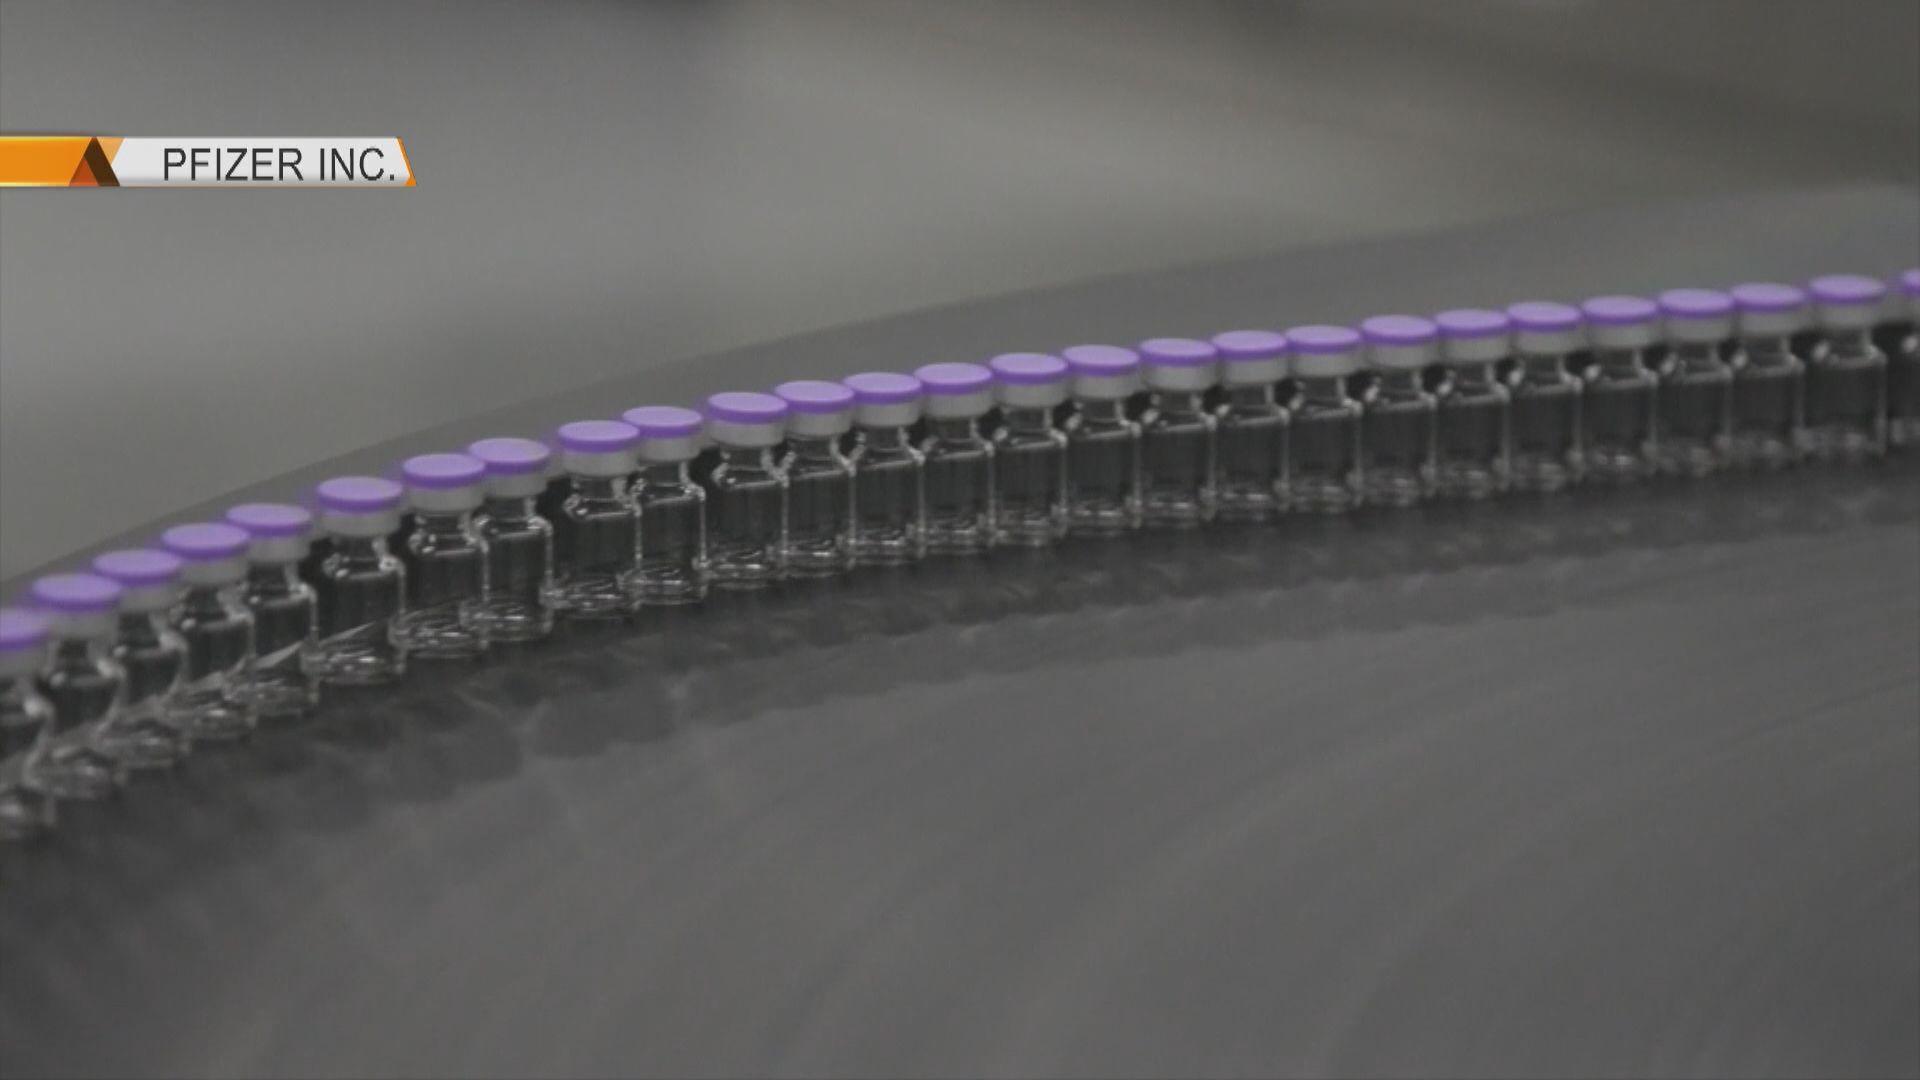 美國料最快周四批准緊急使用輝瑞新冠病毒疫苗